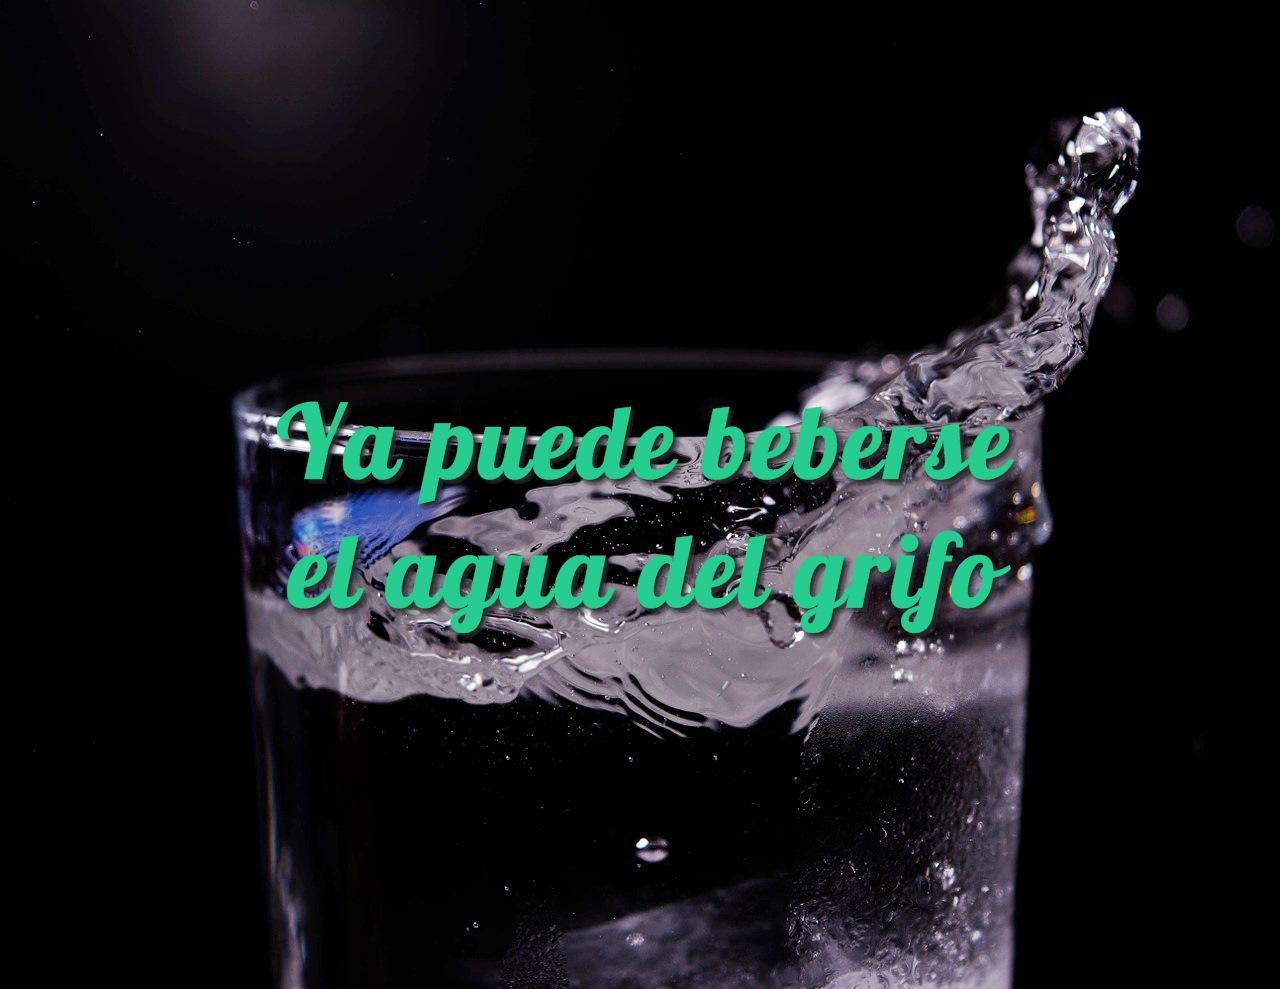 Ya puede beberse el agua del grifo